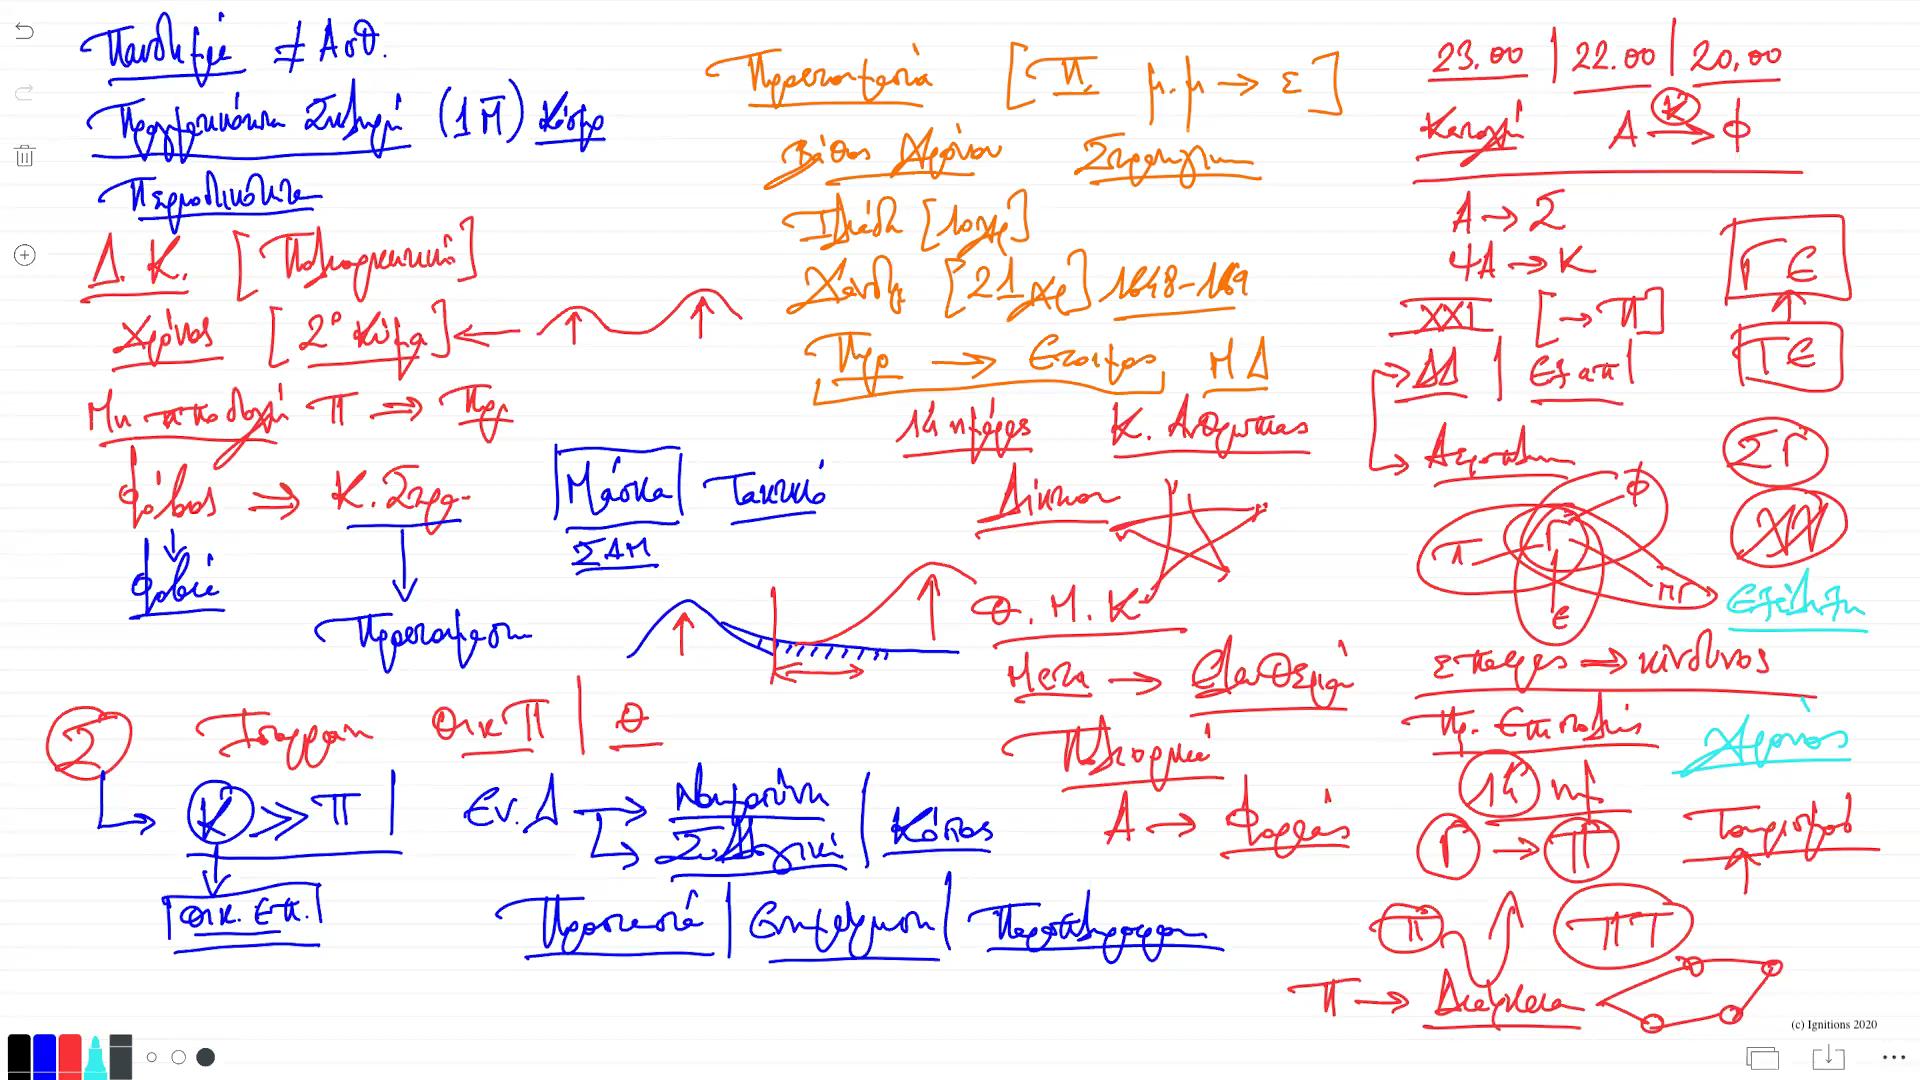 55522 - V - e-Διάλεξη: Στρατηγική Διαχείριση Πανδημίας. (Dessin)